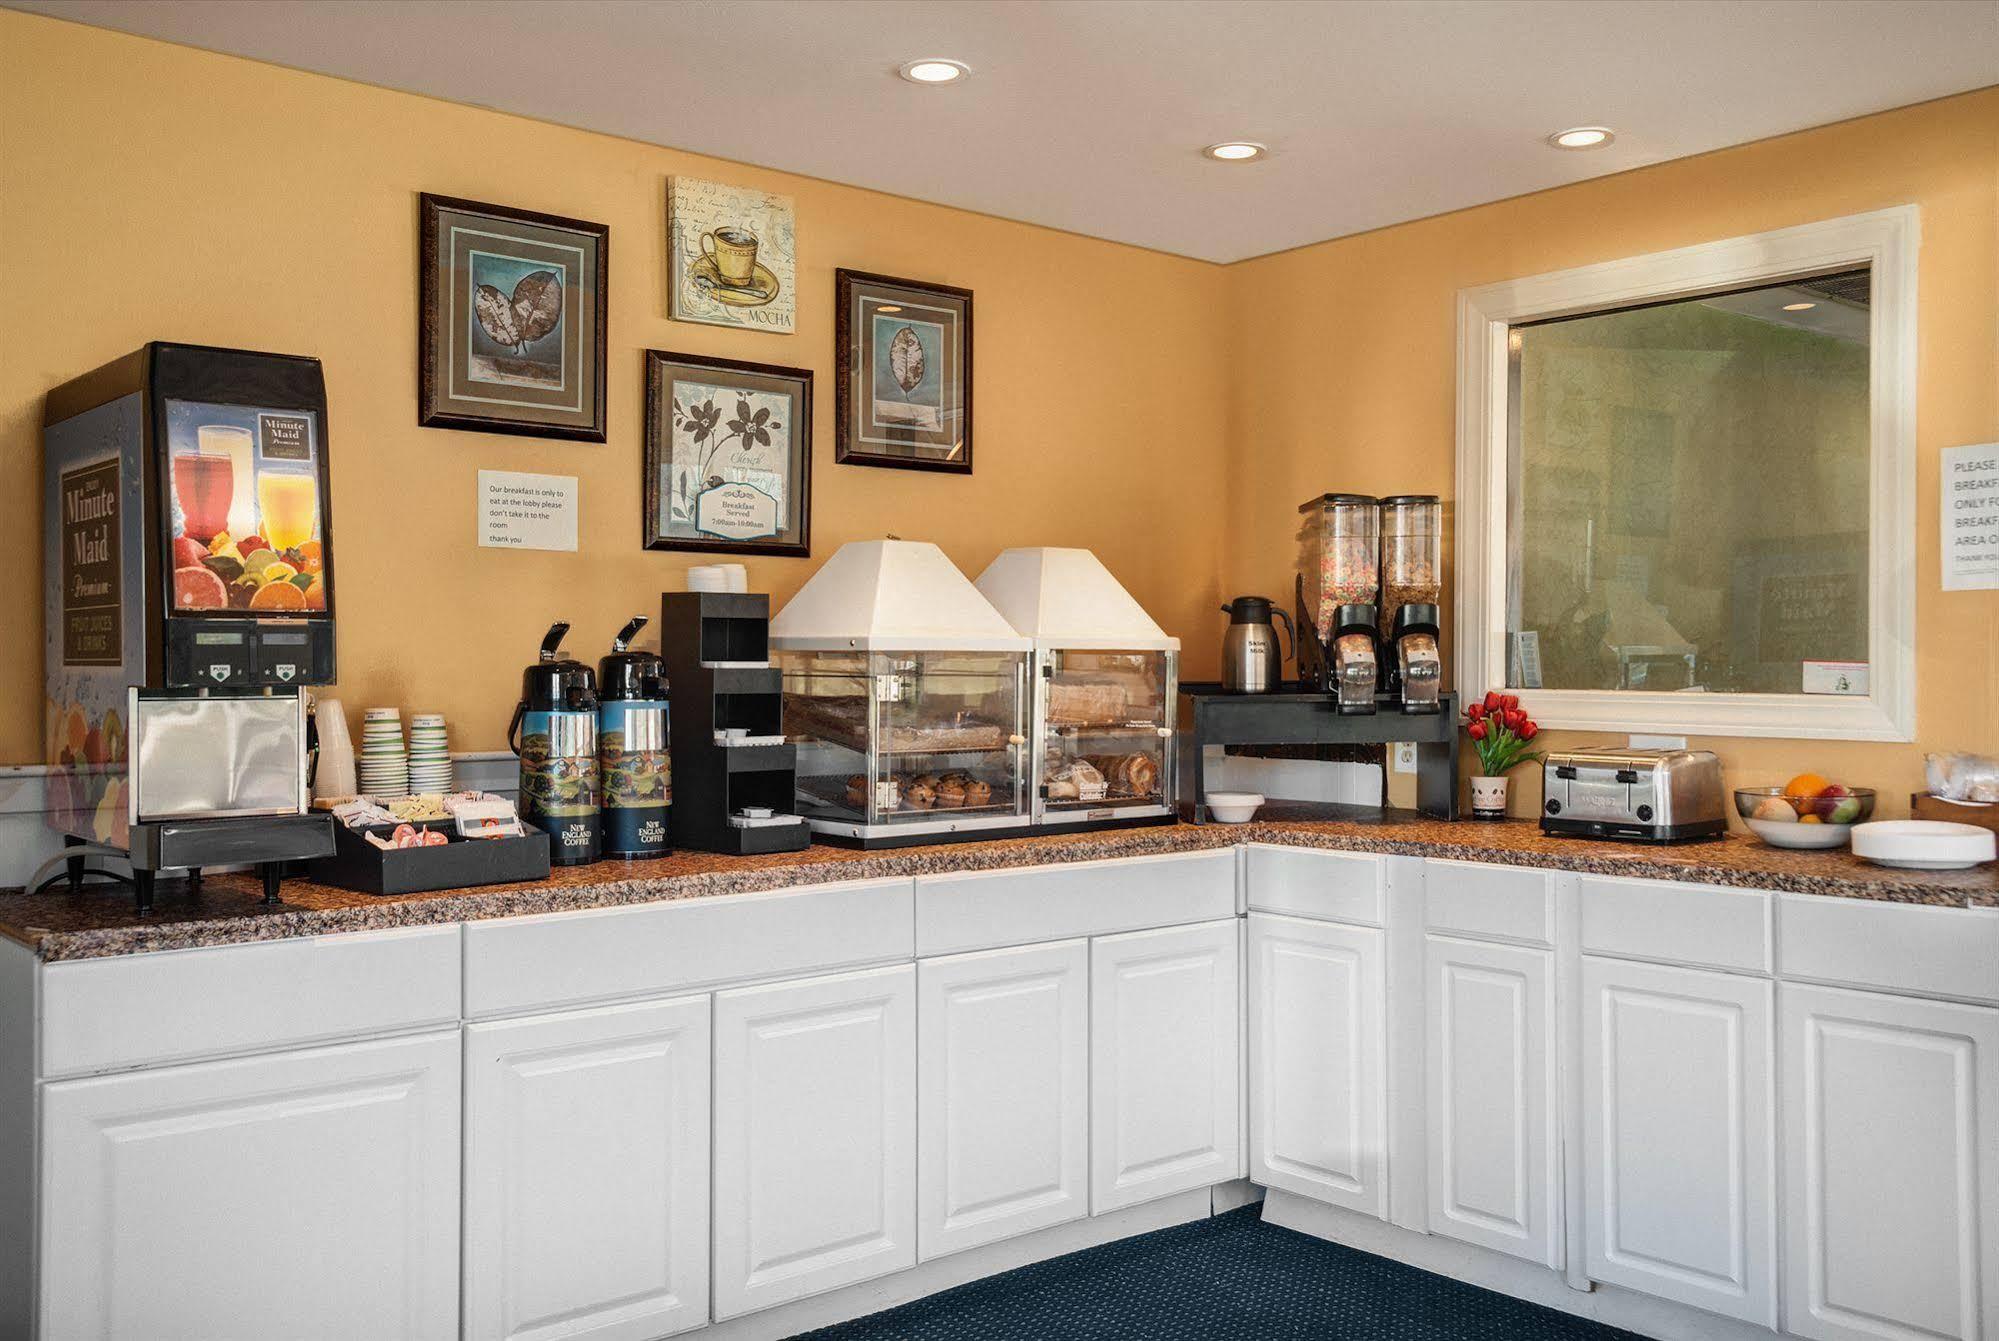 Gallery image of Monticello Inn Framingham